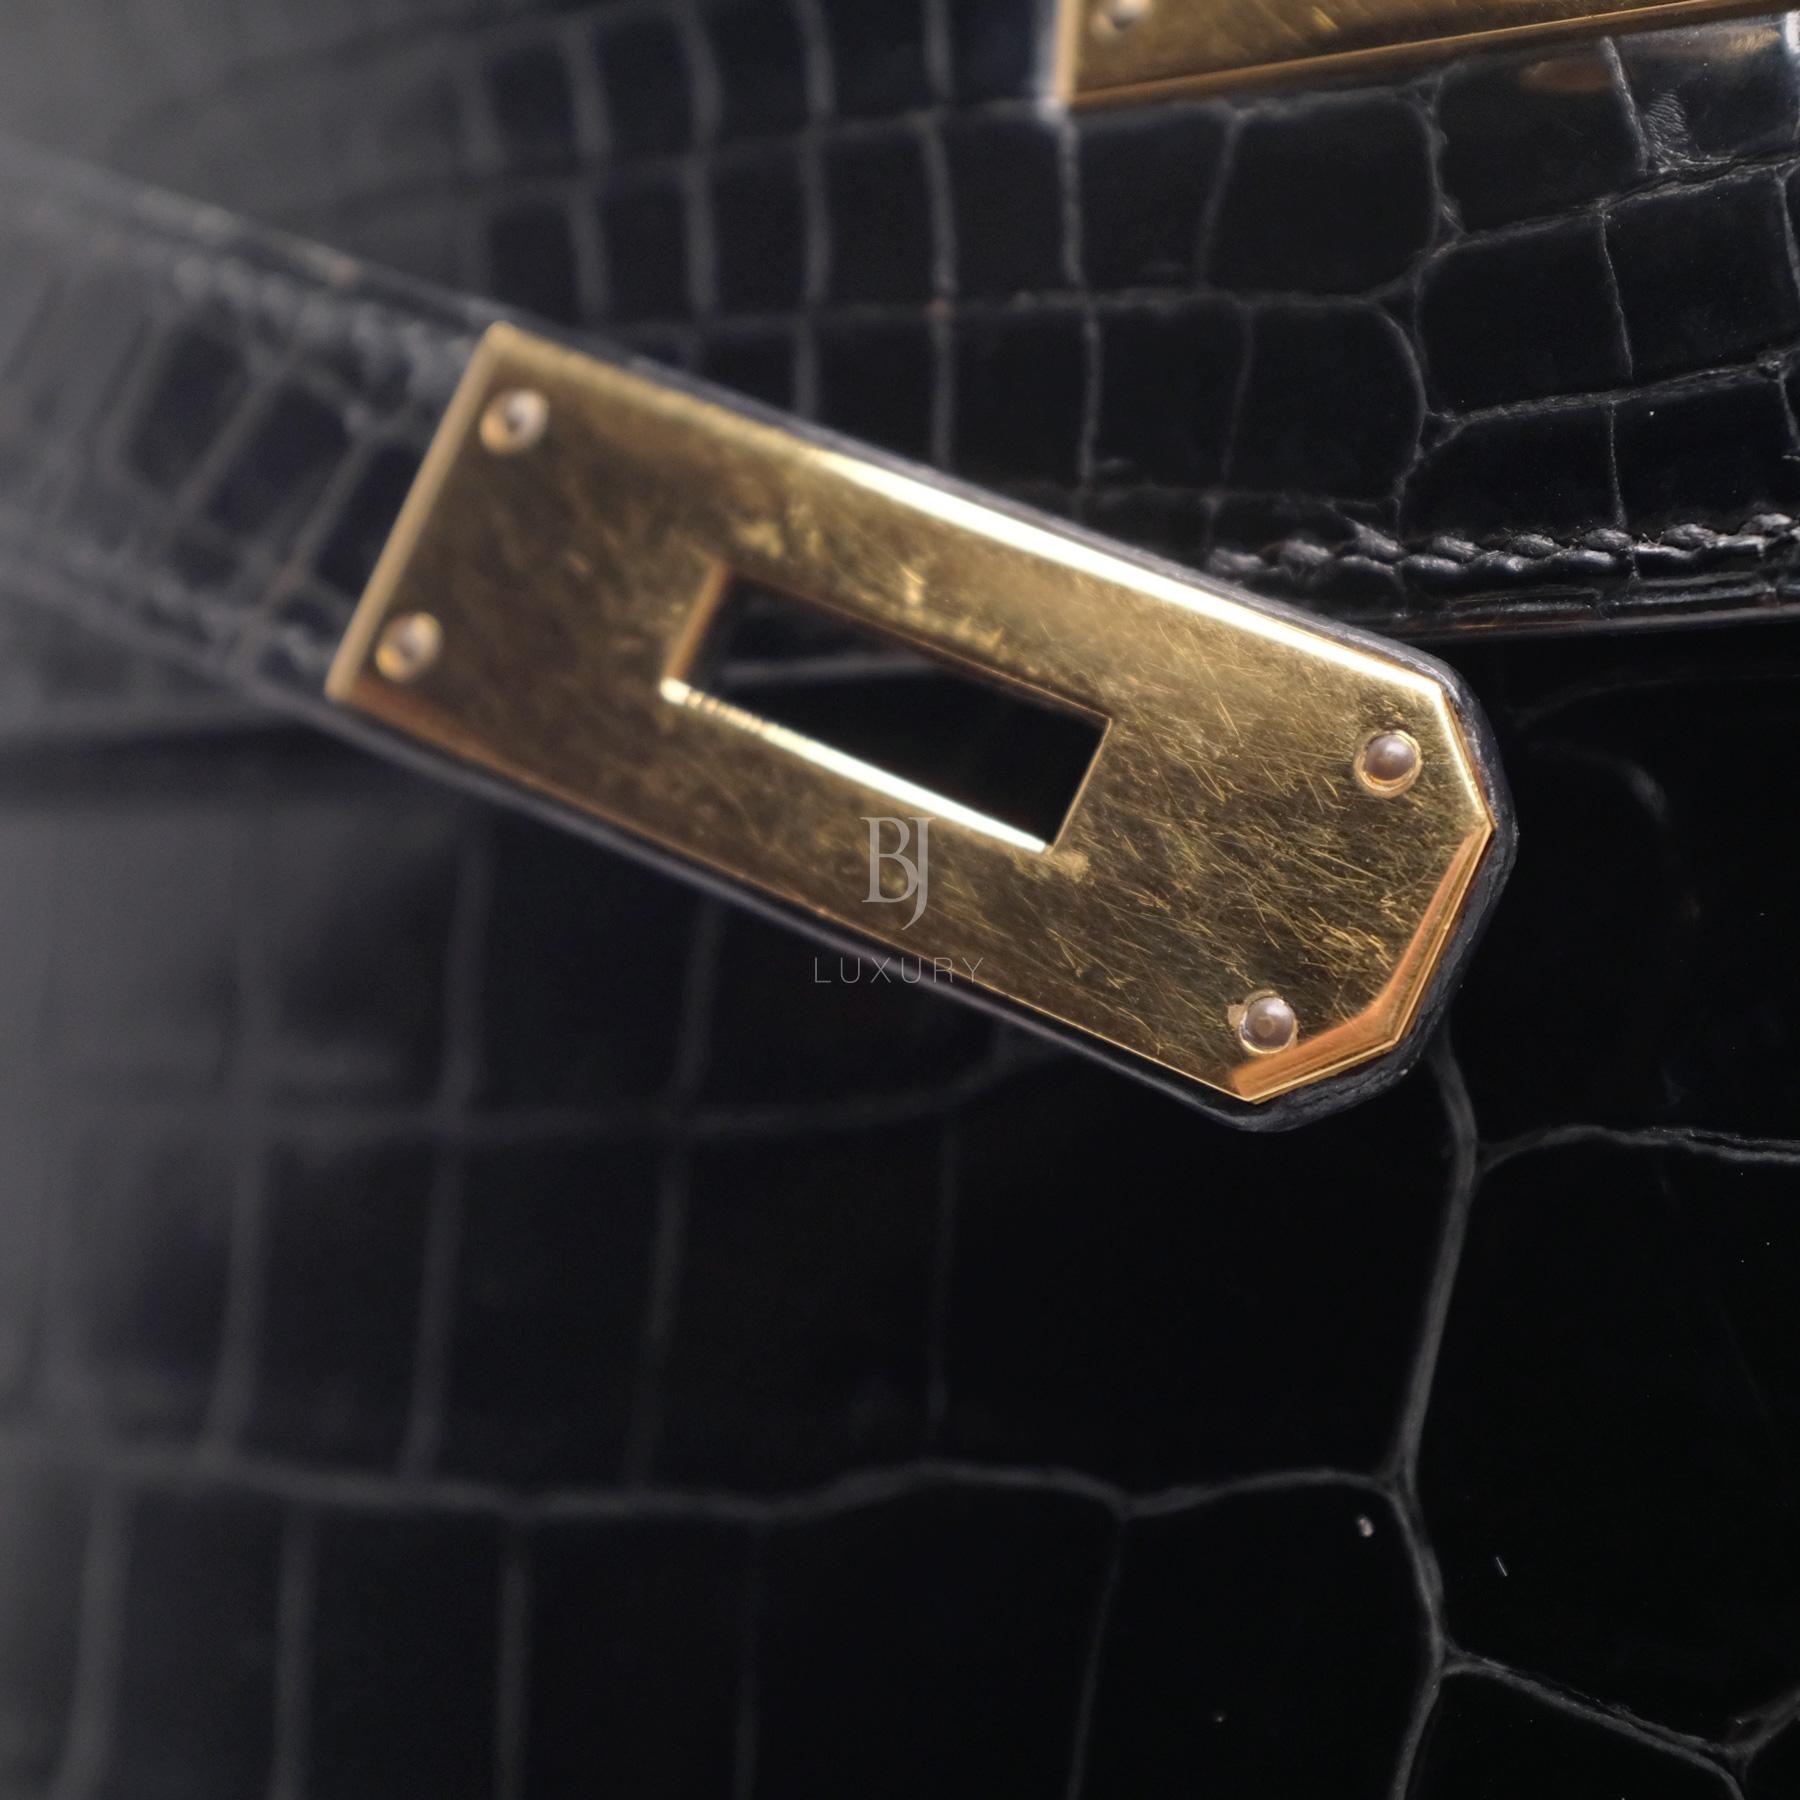 Hermes Kelly Sellier 28 Gold Black Porosus Crocodile BJ Luxury 13.jpg